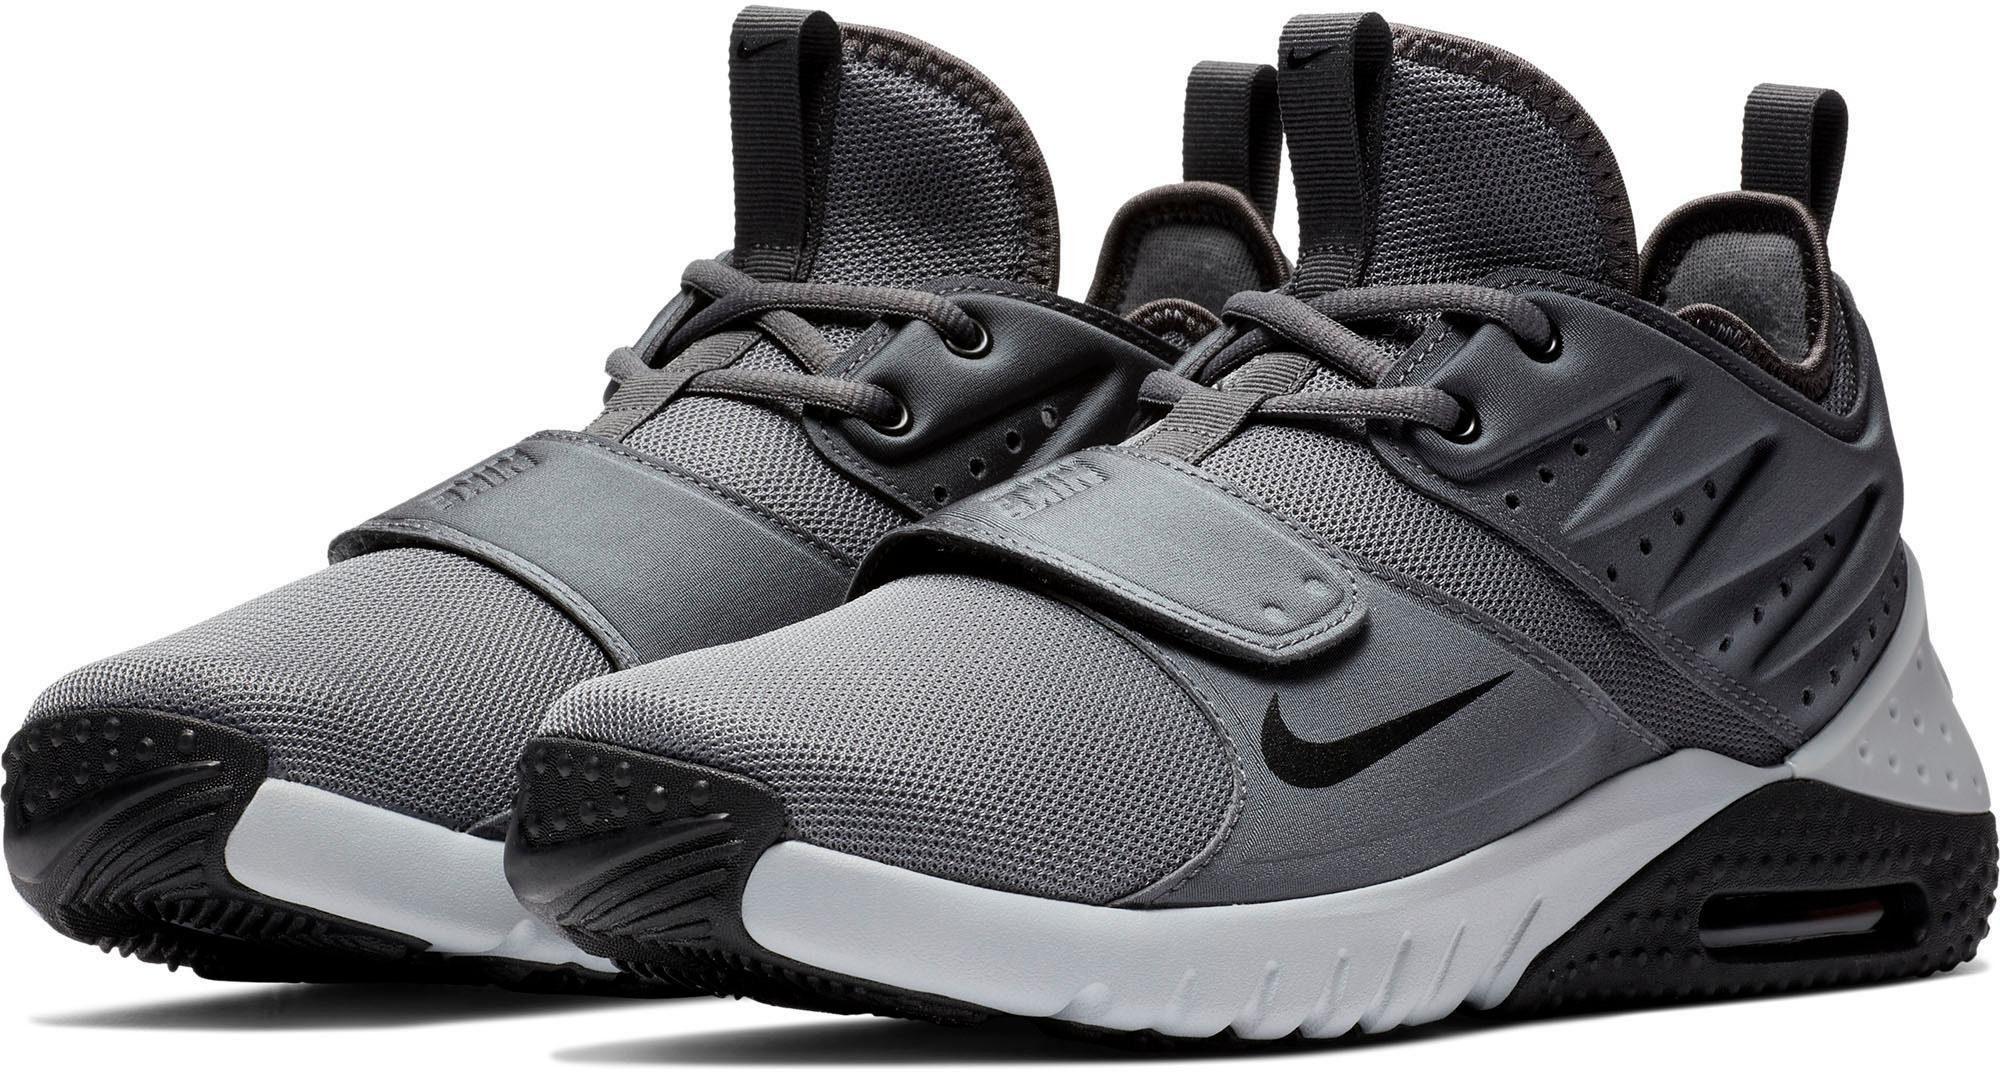 Nike »Air Max Trainer 1« Trainingsschuh, Stylischer Trainingsschuh für Herren von Nike online kaufen | OTTO